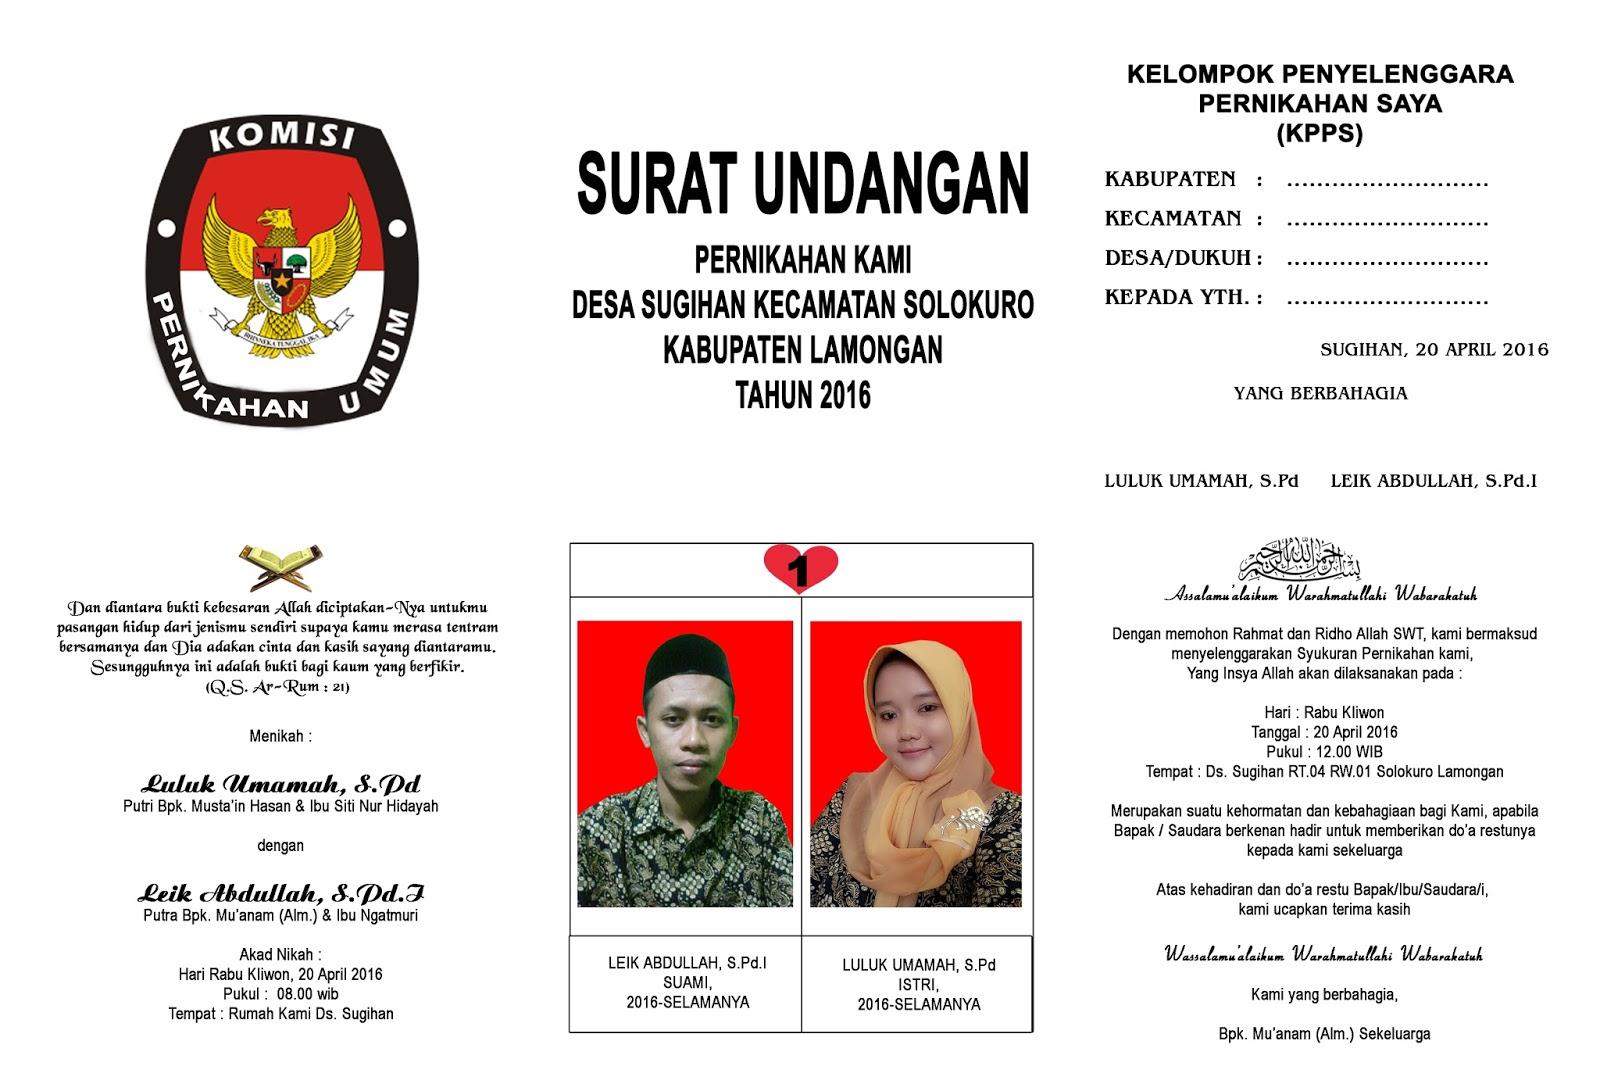 Undangan Pernikahan Model Surat Suara Murah Jawa Timur Nirwana